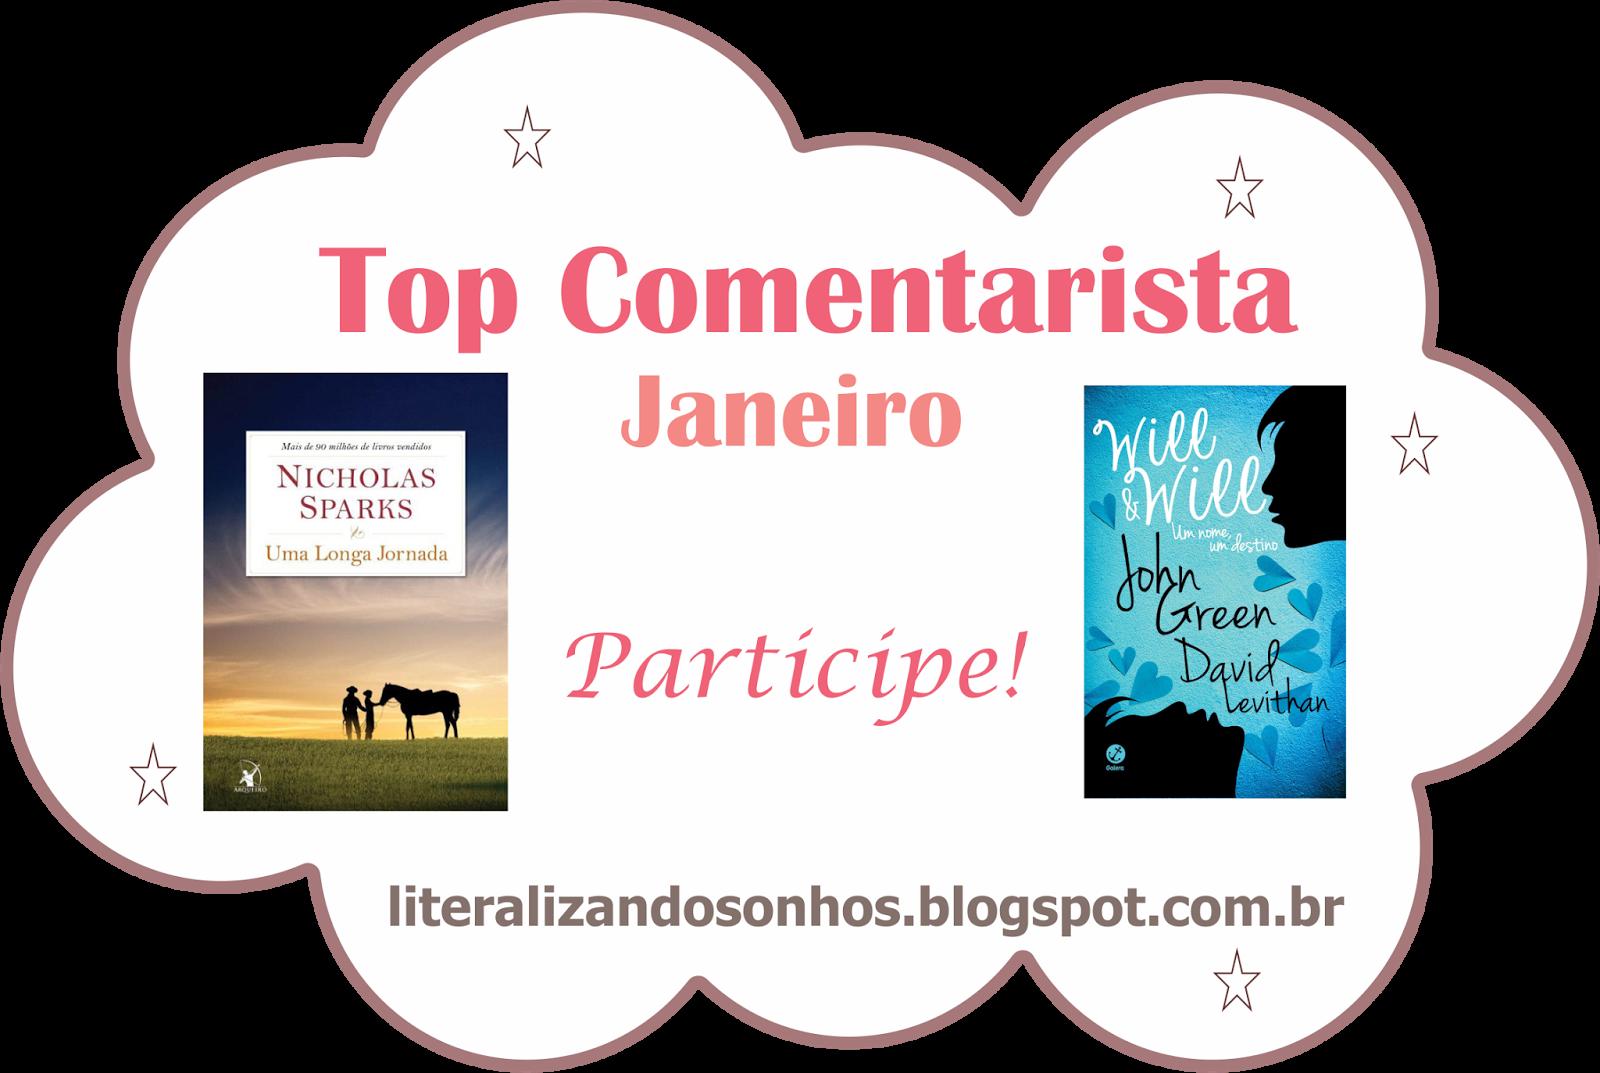 http://literalizandosonhos.blogspot.com.br/2015/01/top-comentarista-3-janeiro.html